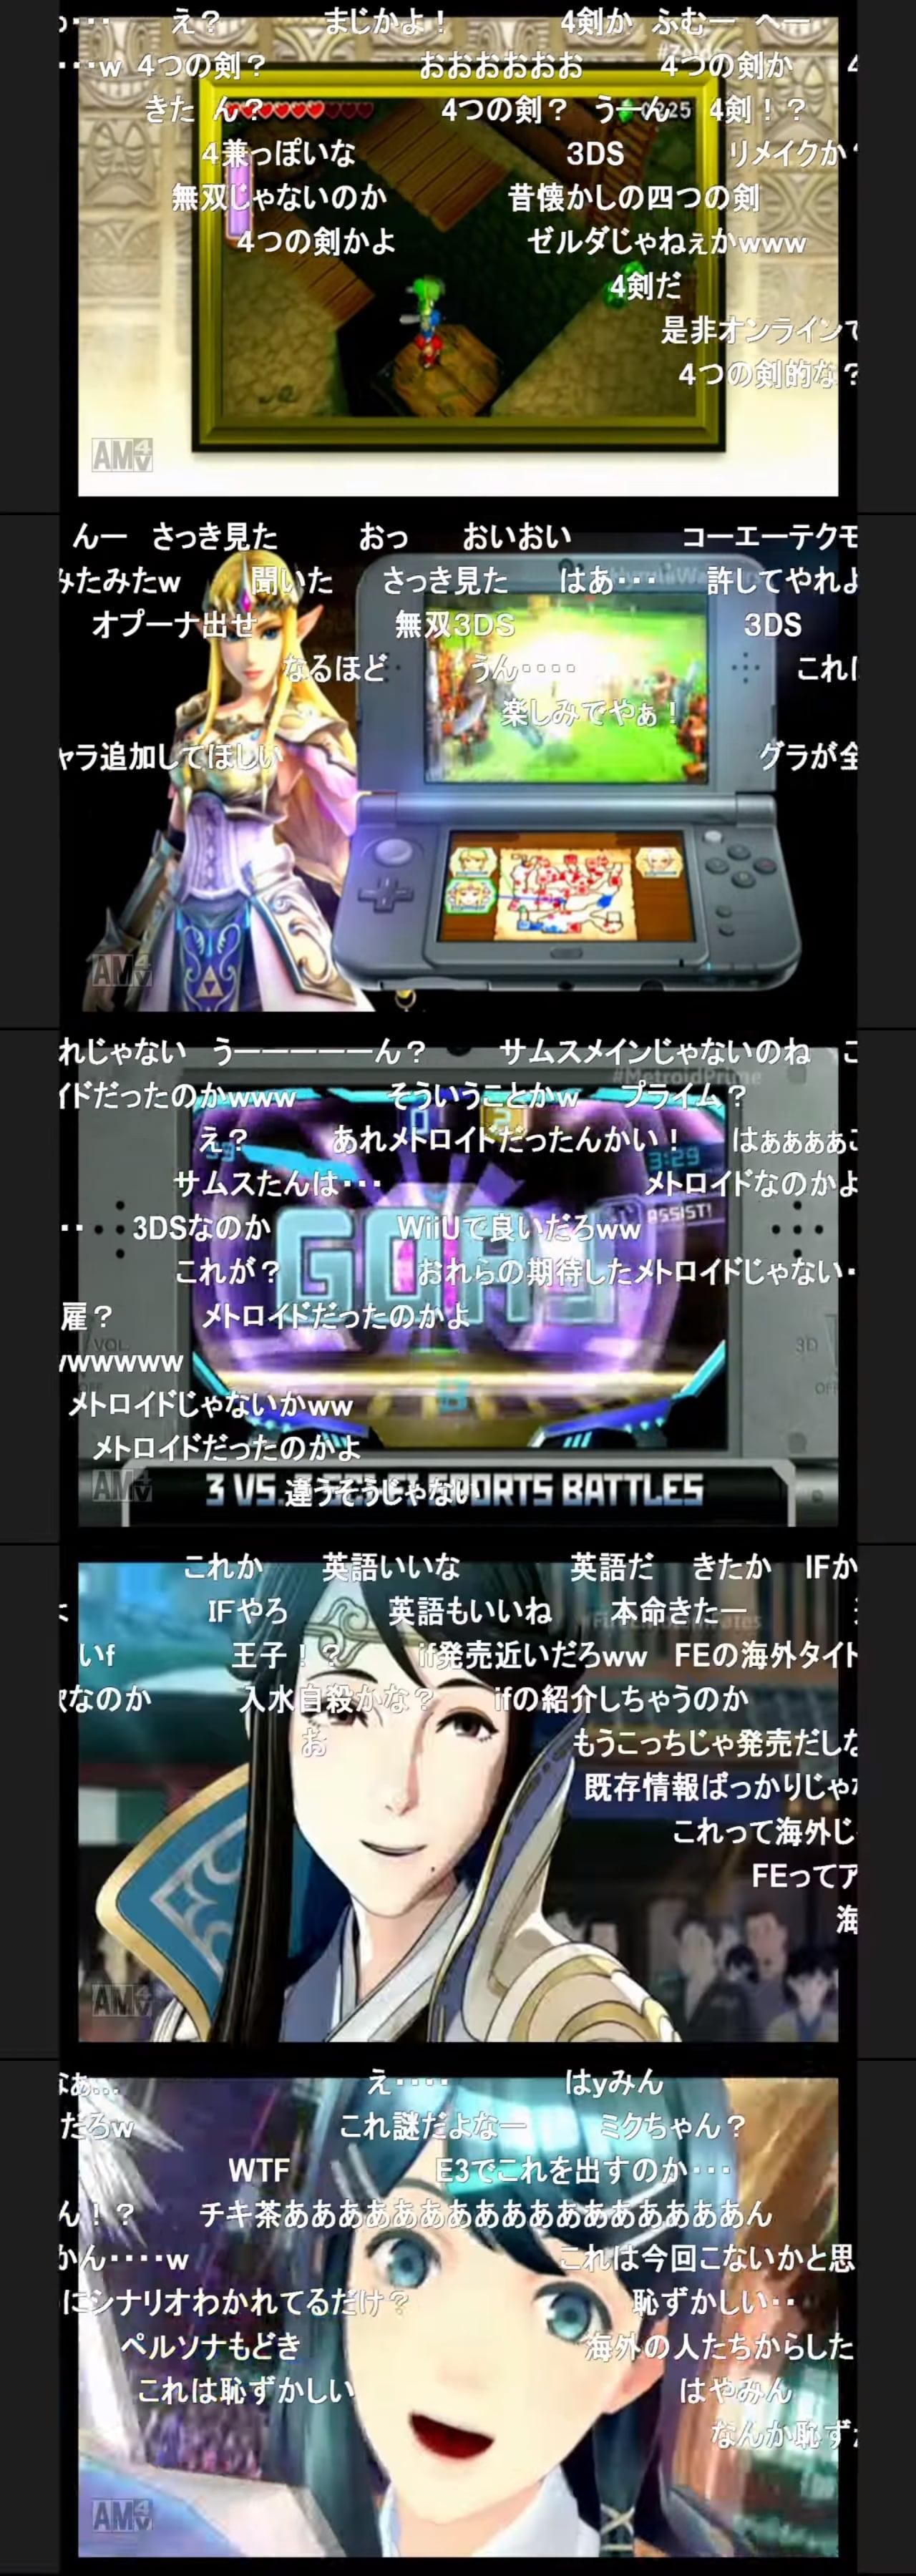 livejupiter_1497254579_12602-min.jpg